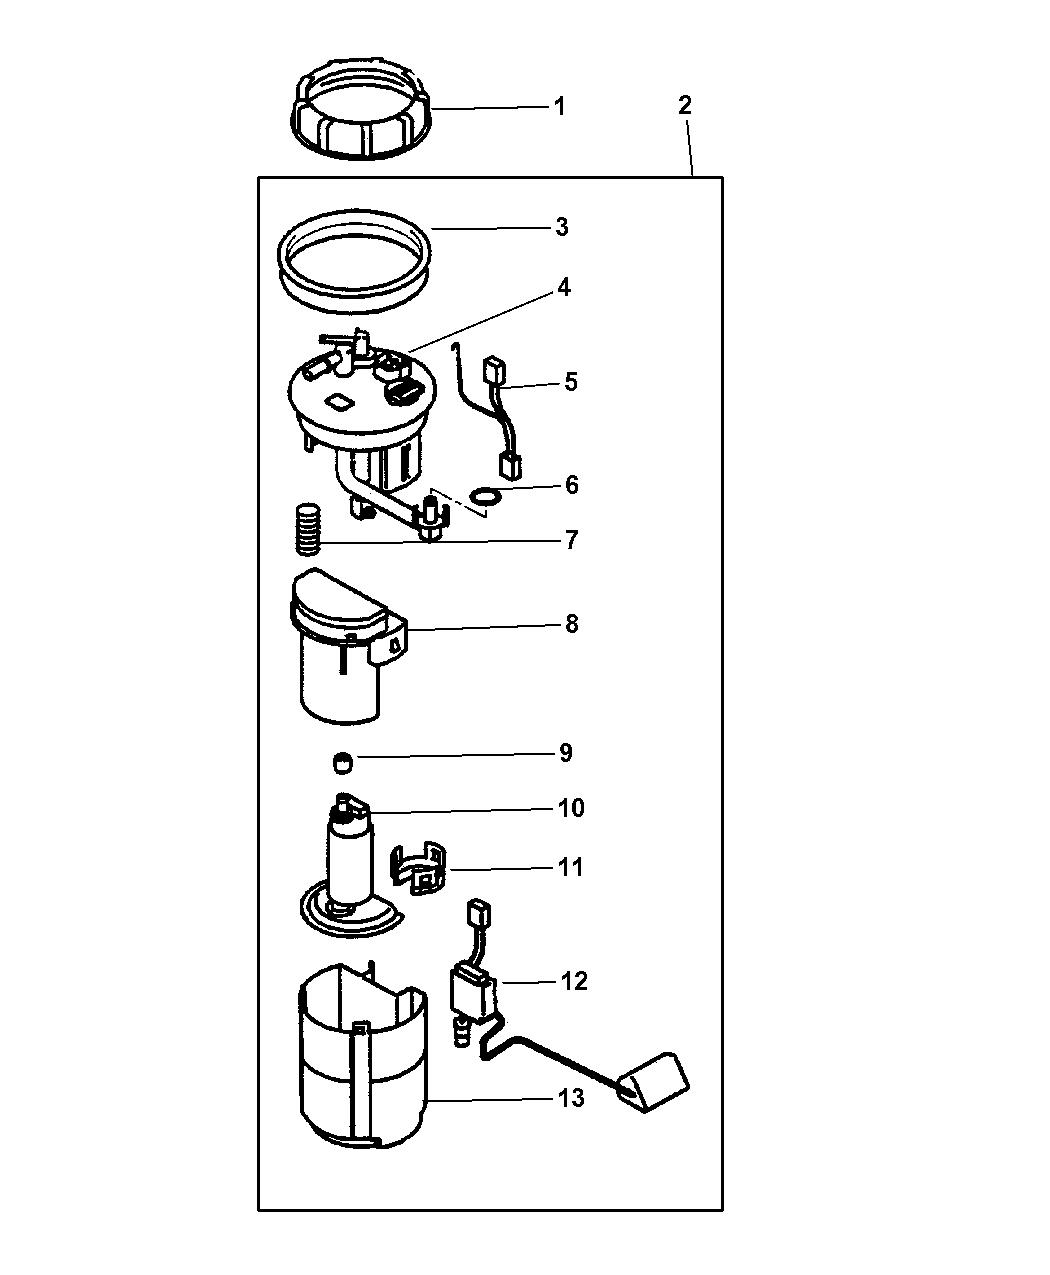 2004 Dodge Stratus Coupe Fuel Pump & Sending Unit